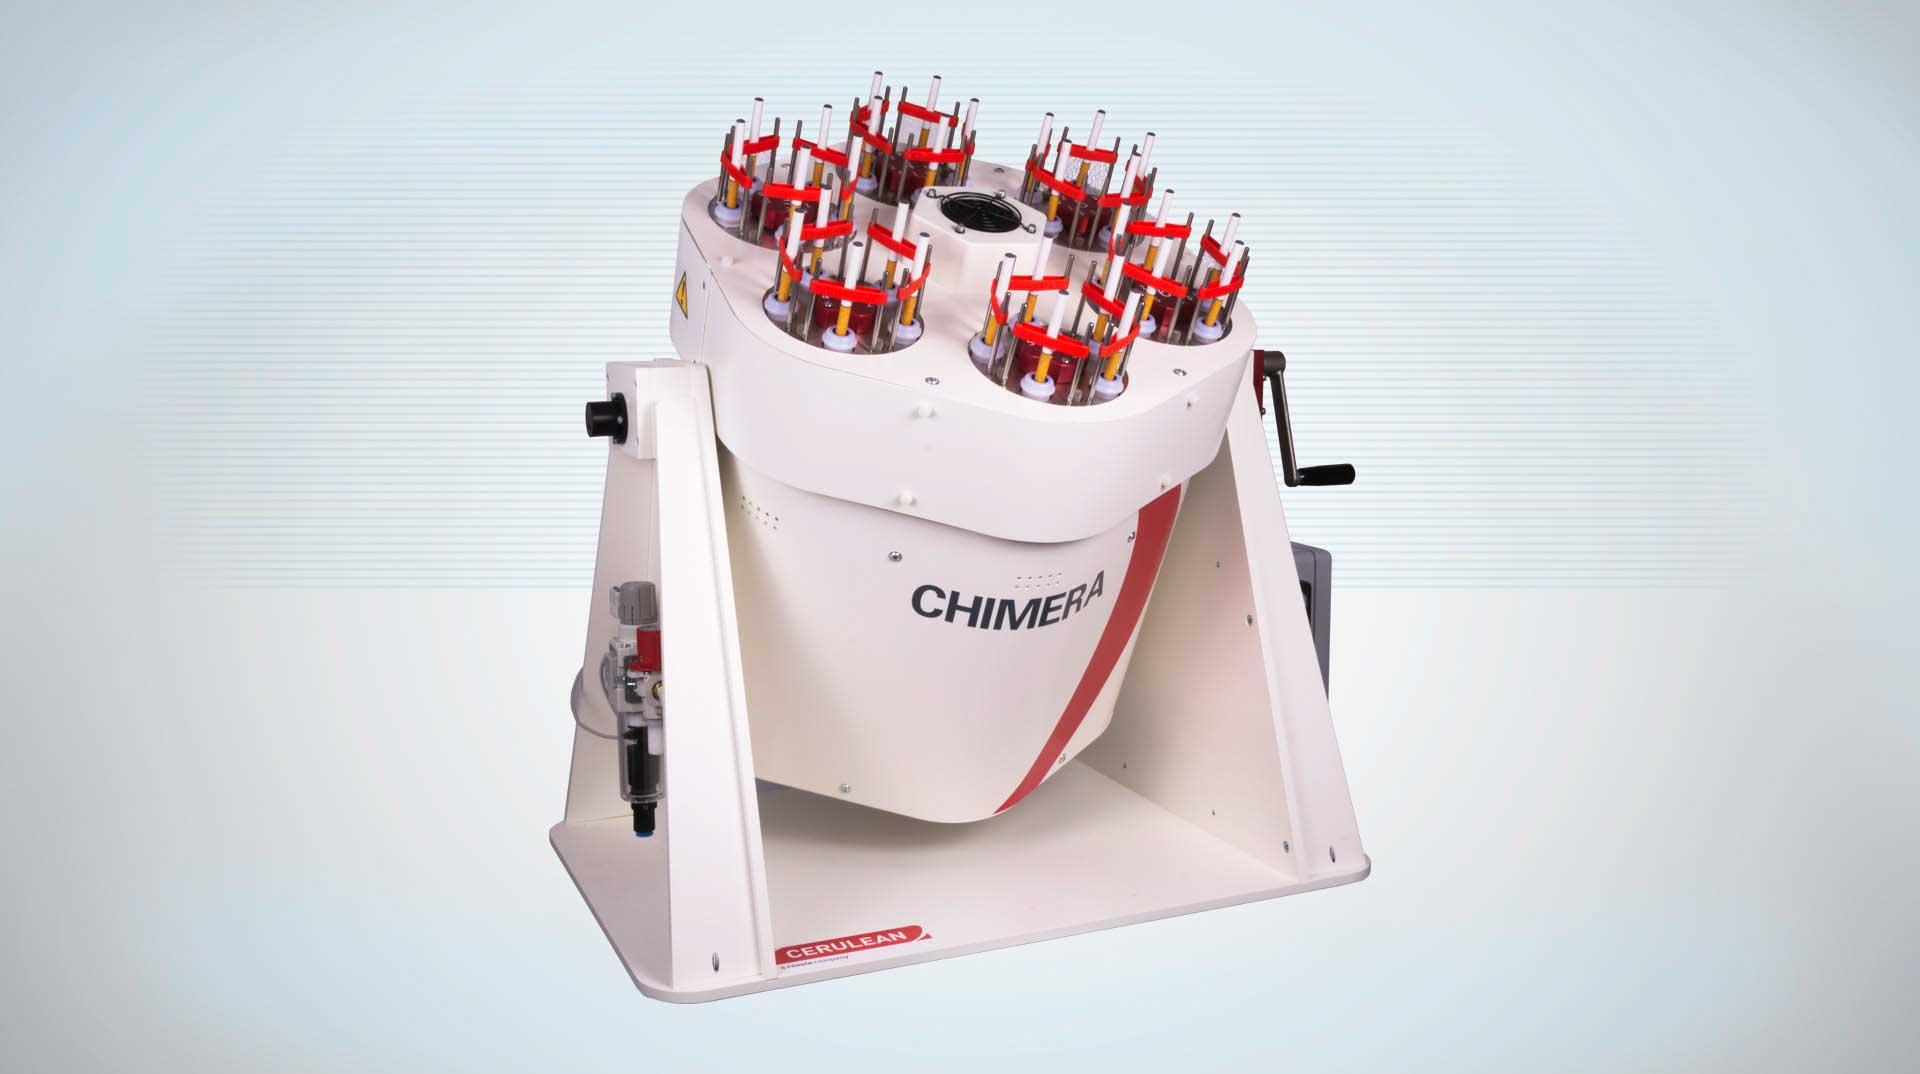 Chimera - E-cig testing